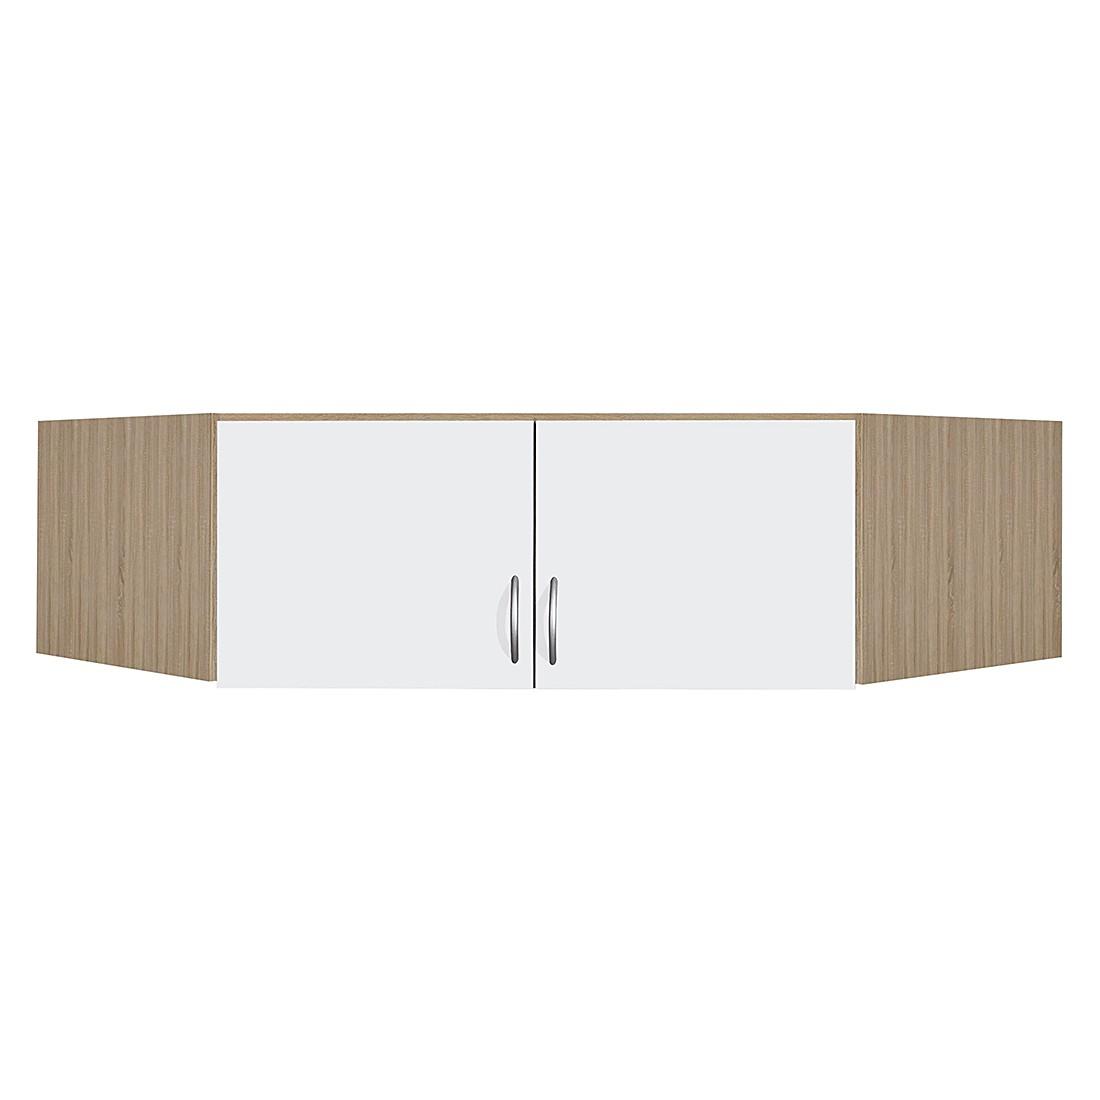 Eckschrankaufsatz Case - Alpinweiß/Sonoma Eiche Dekor